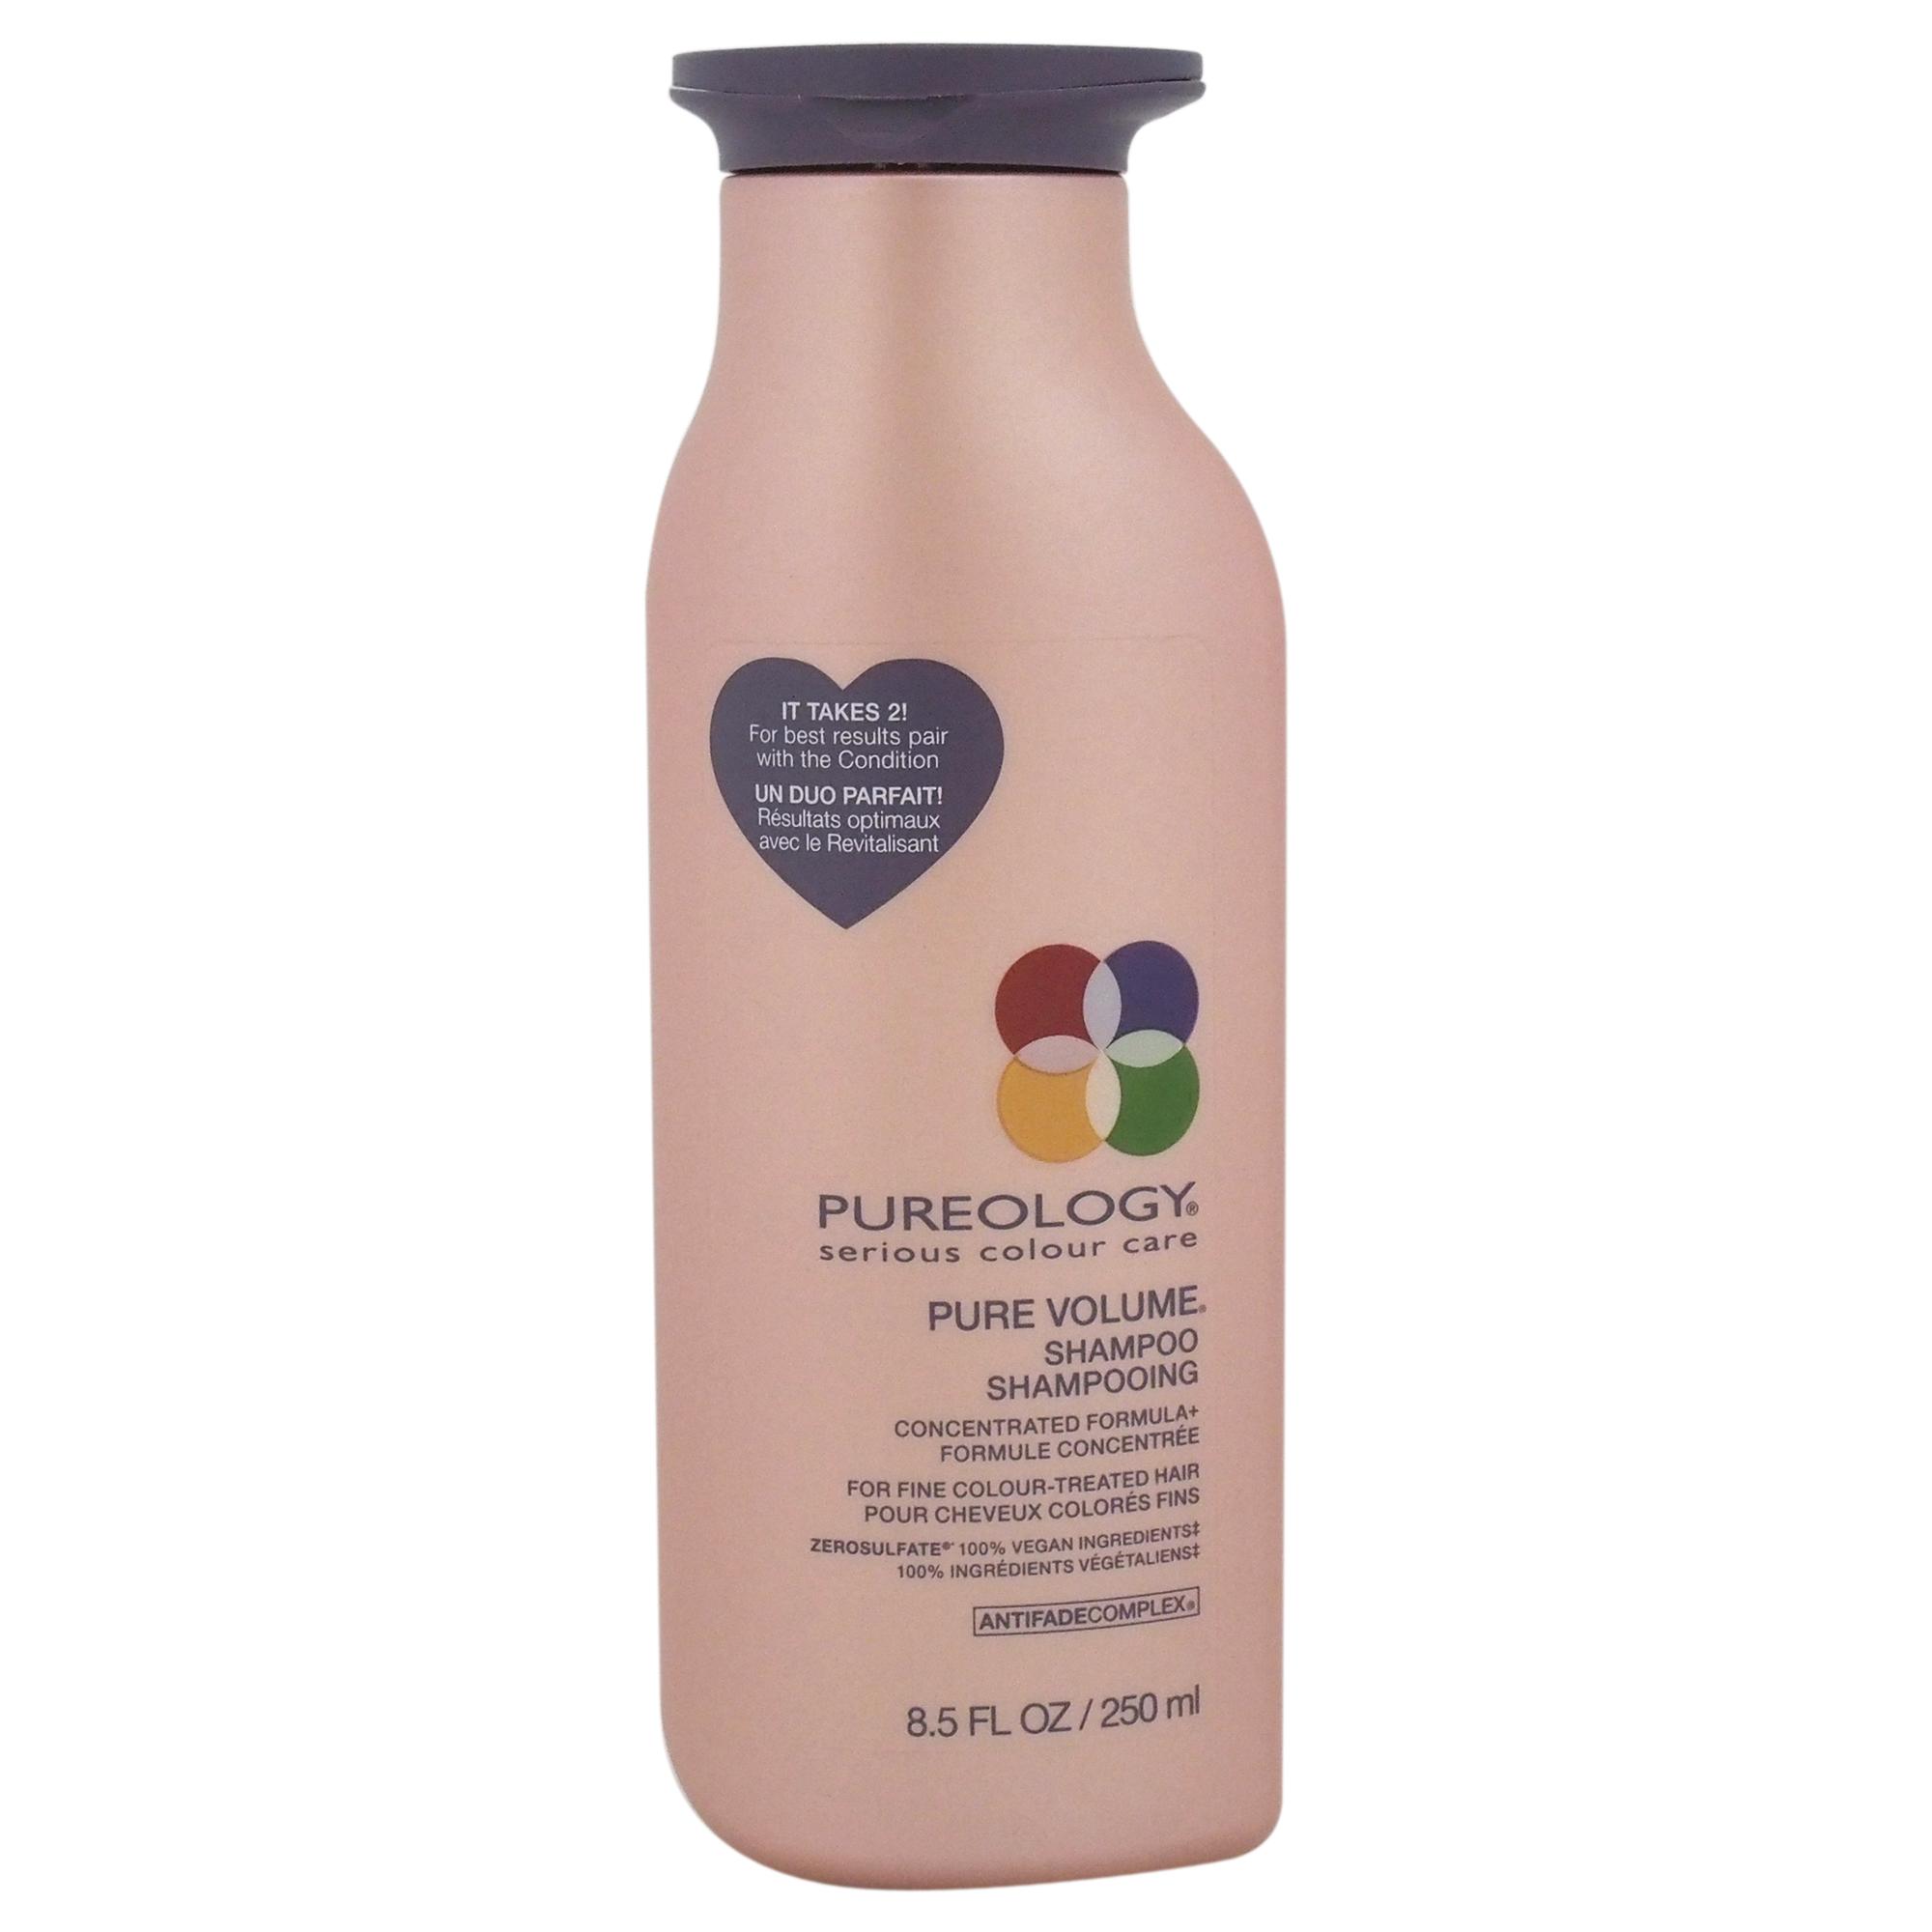 Pure Volume Shampoo Pureology